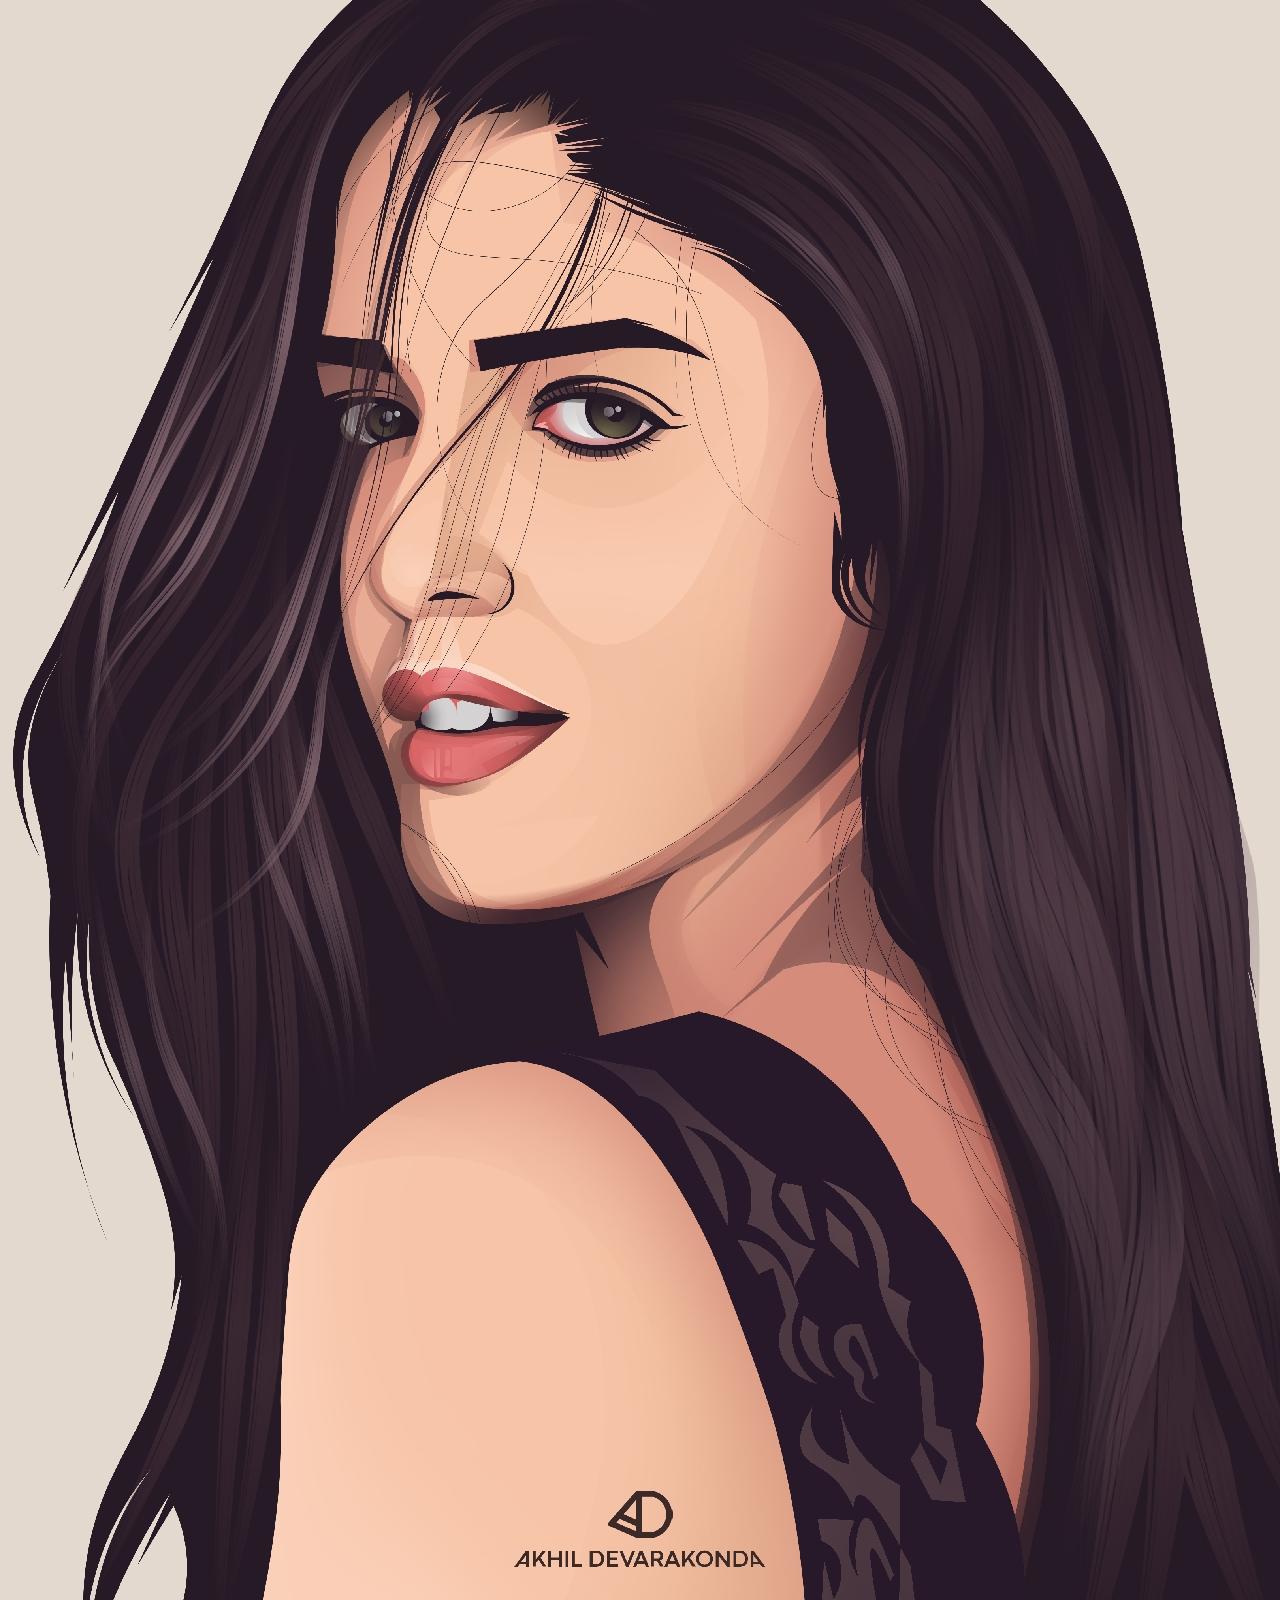 Izabelle Leite Vector Artwork - Akhil Devarakonda